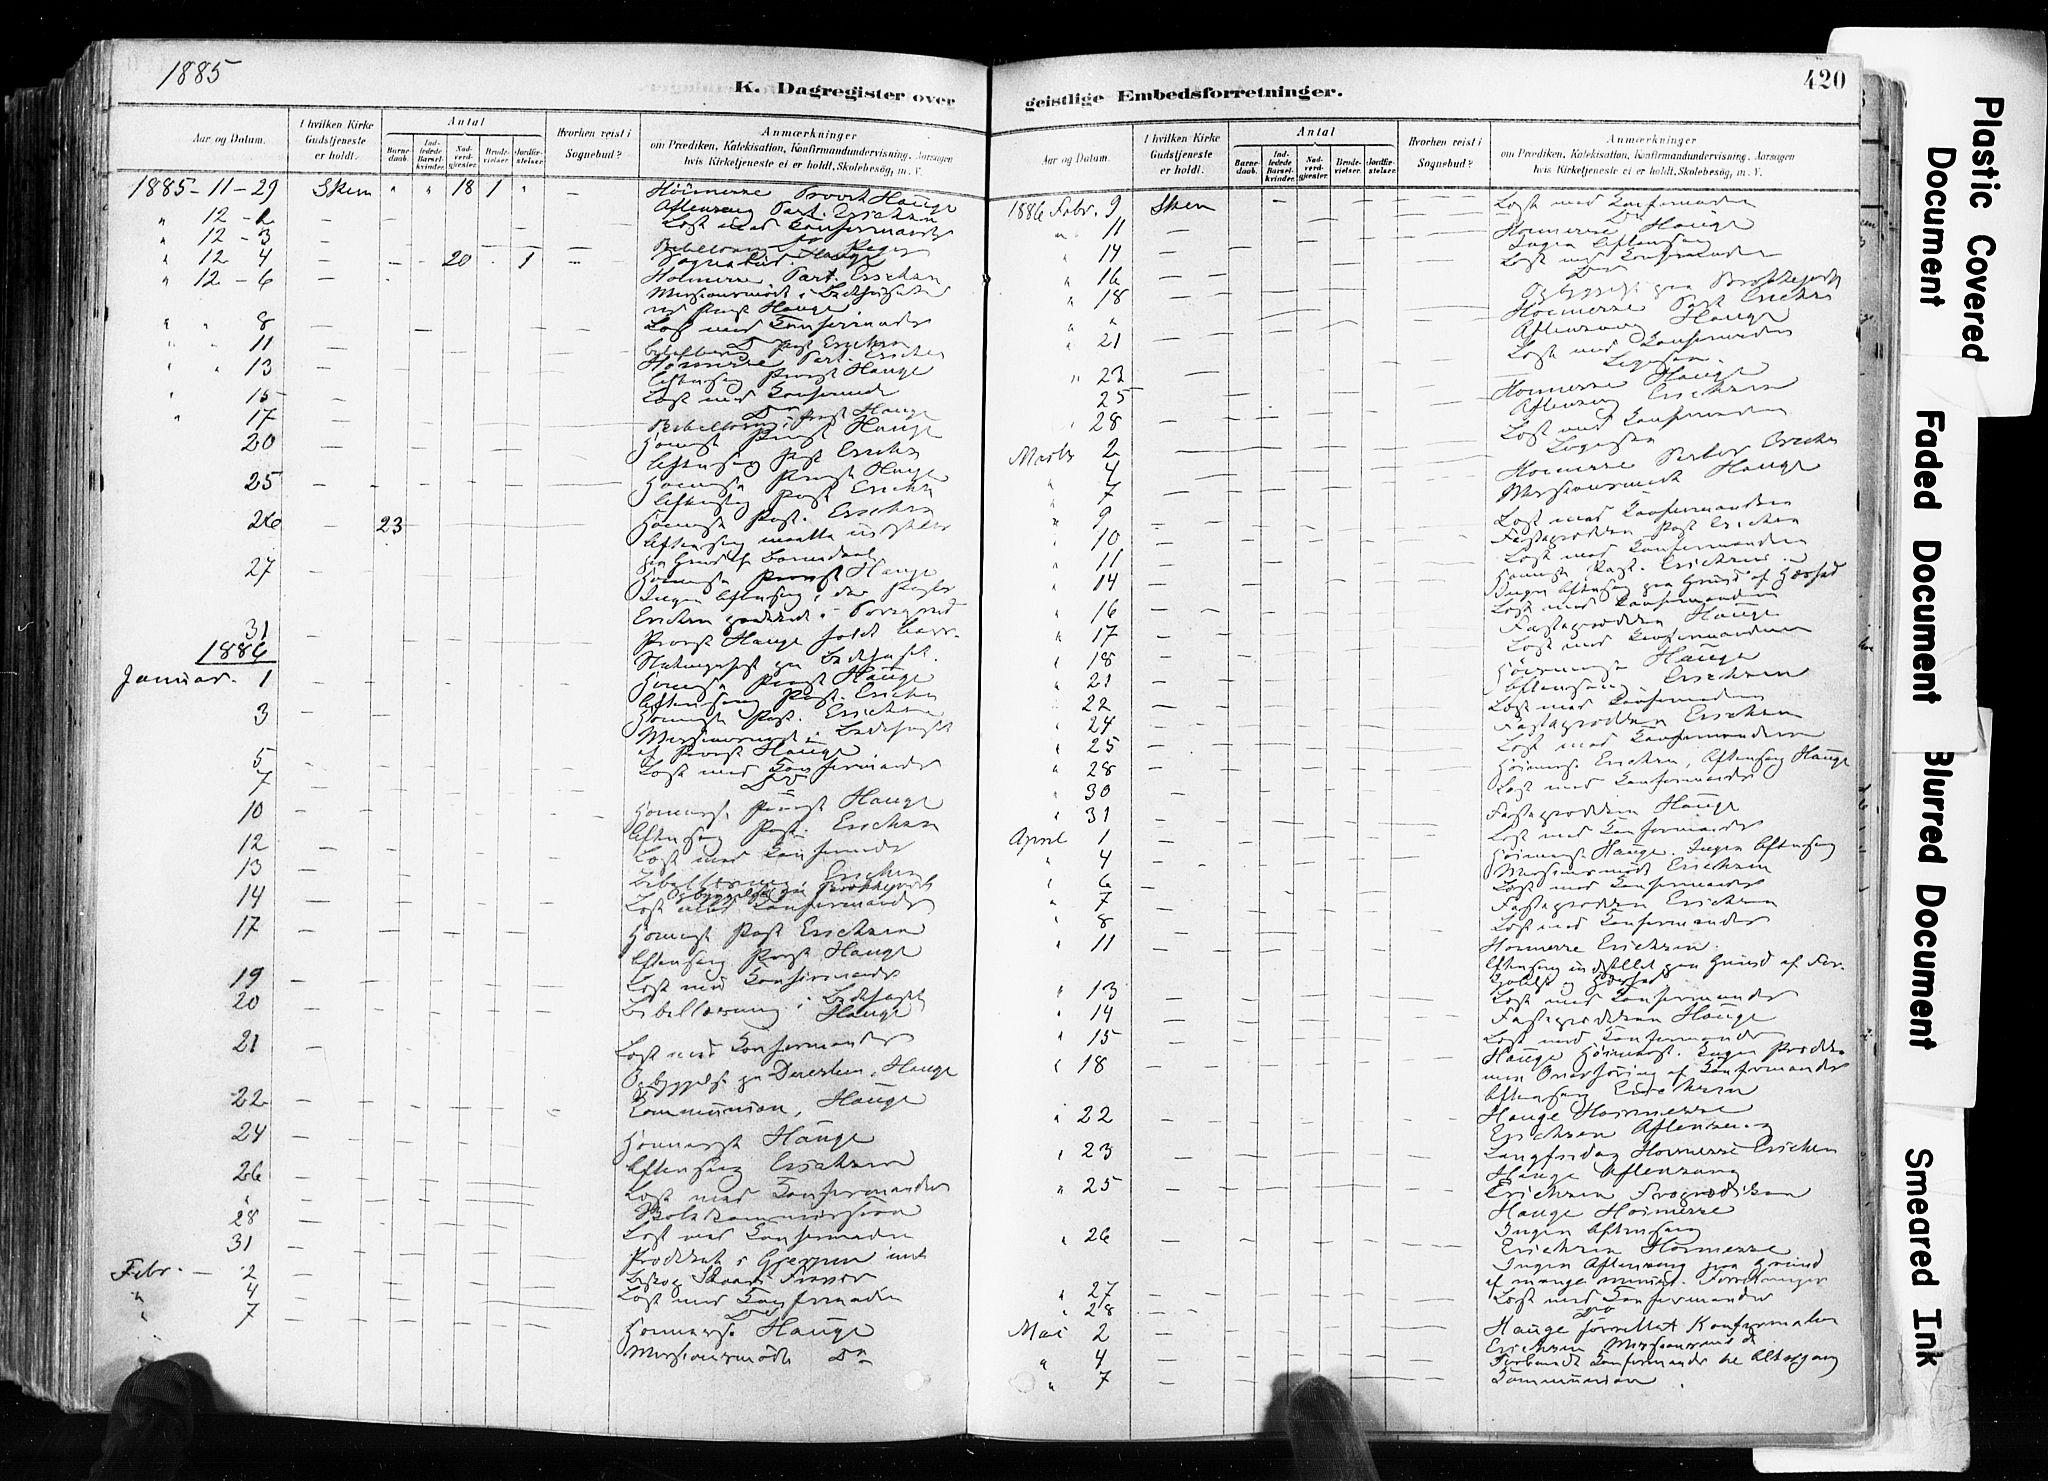 SAKO, Skien kirkebøker, F/Fa/L0009: Ministerialbok nr. 9, 1878-1890, s. 420